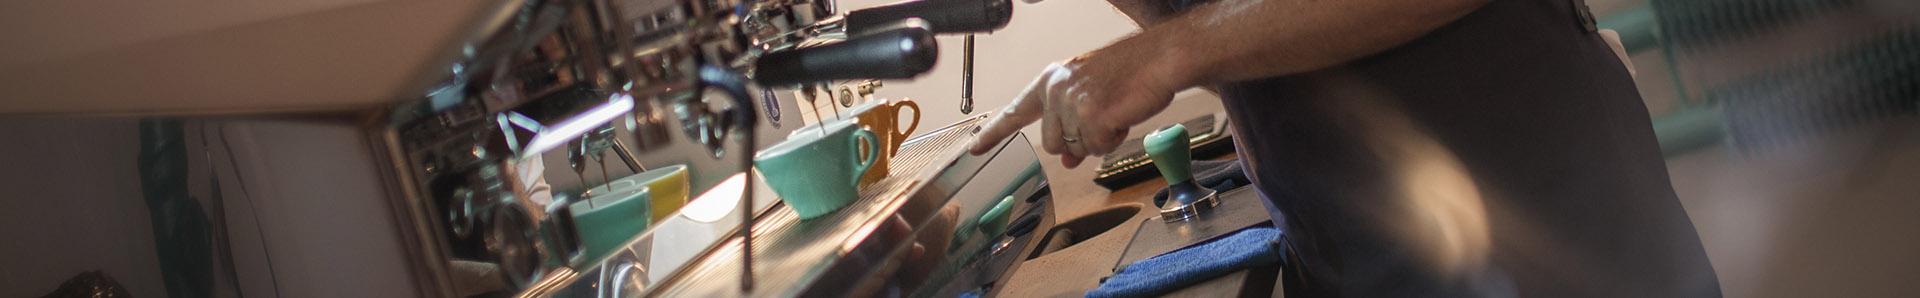 Espresso Modern  Techniques